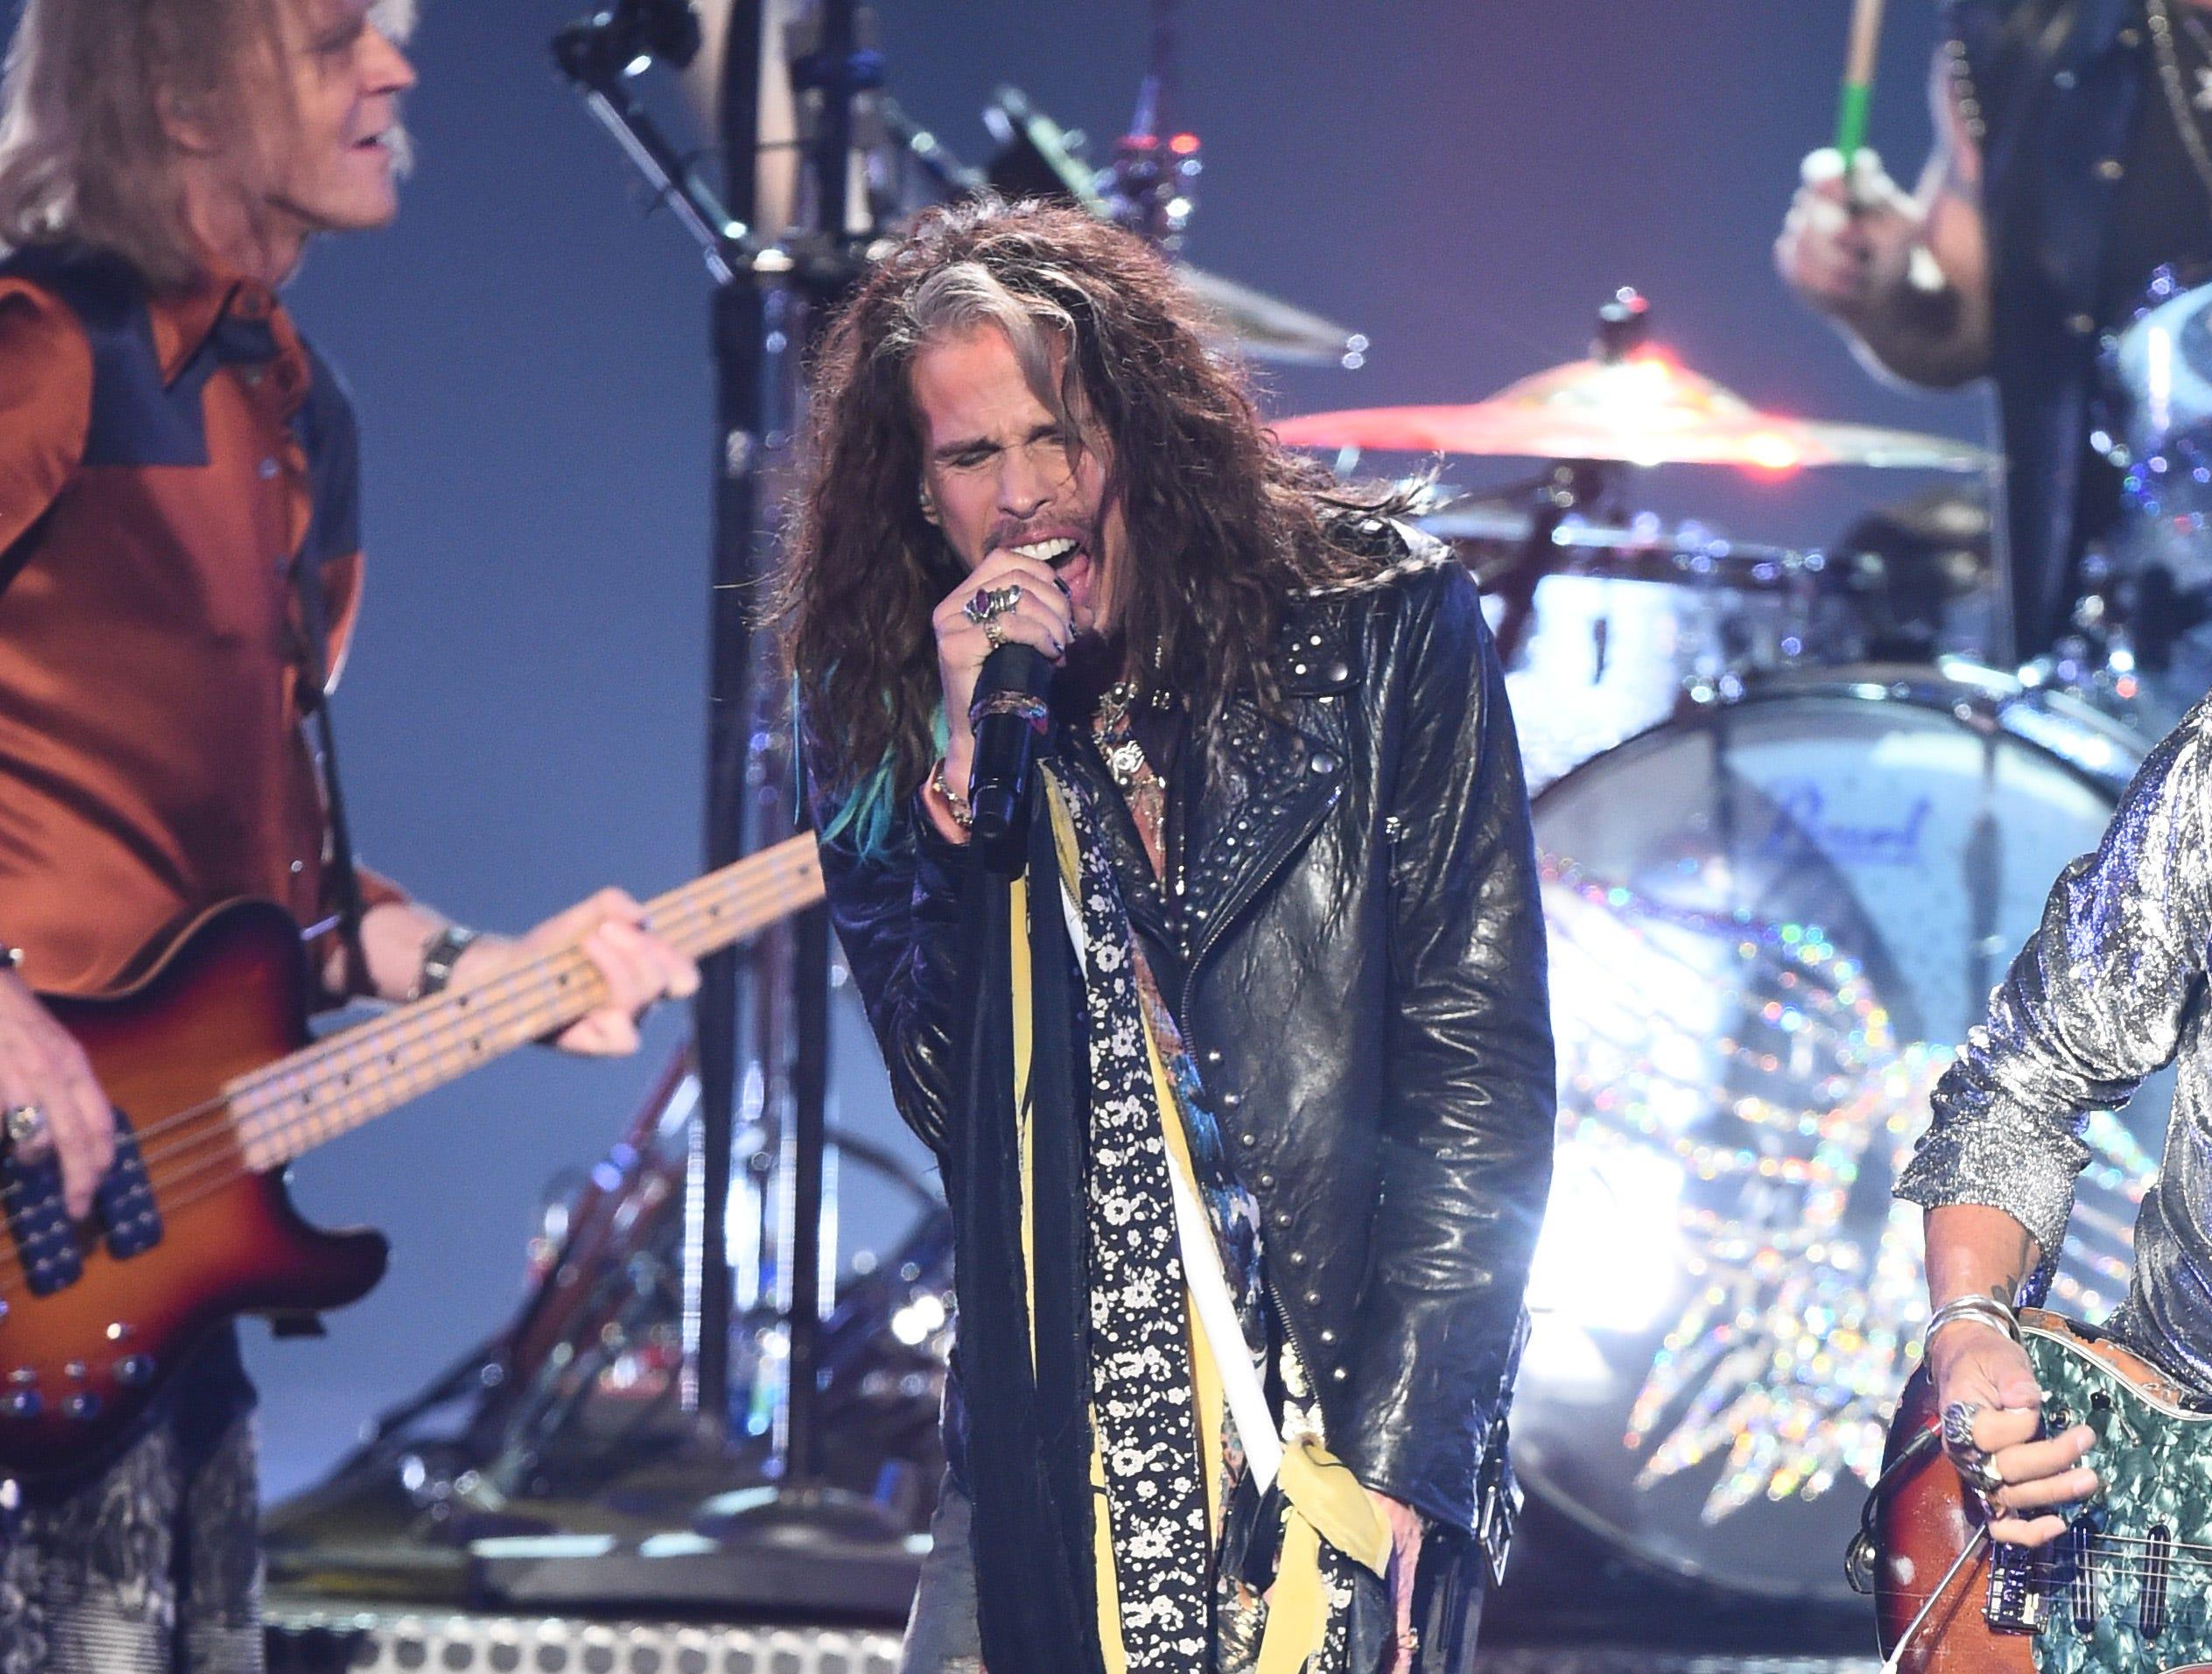 Steven Tyler de Aerosmith actúa en el escenario durante los MTV Video Music Awards 2018 en el Radio City Music Hall el 20 de agosto de 2018 en la ciudad de Nueva York.